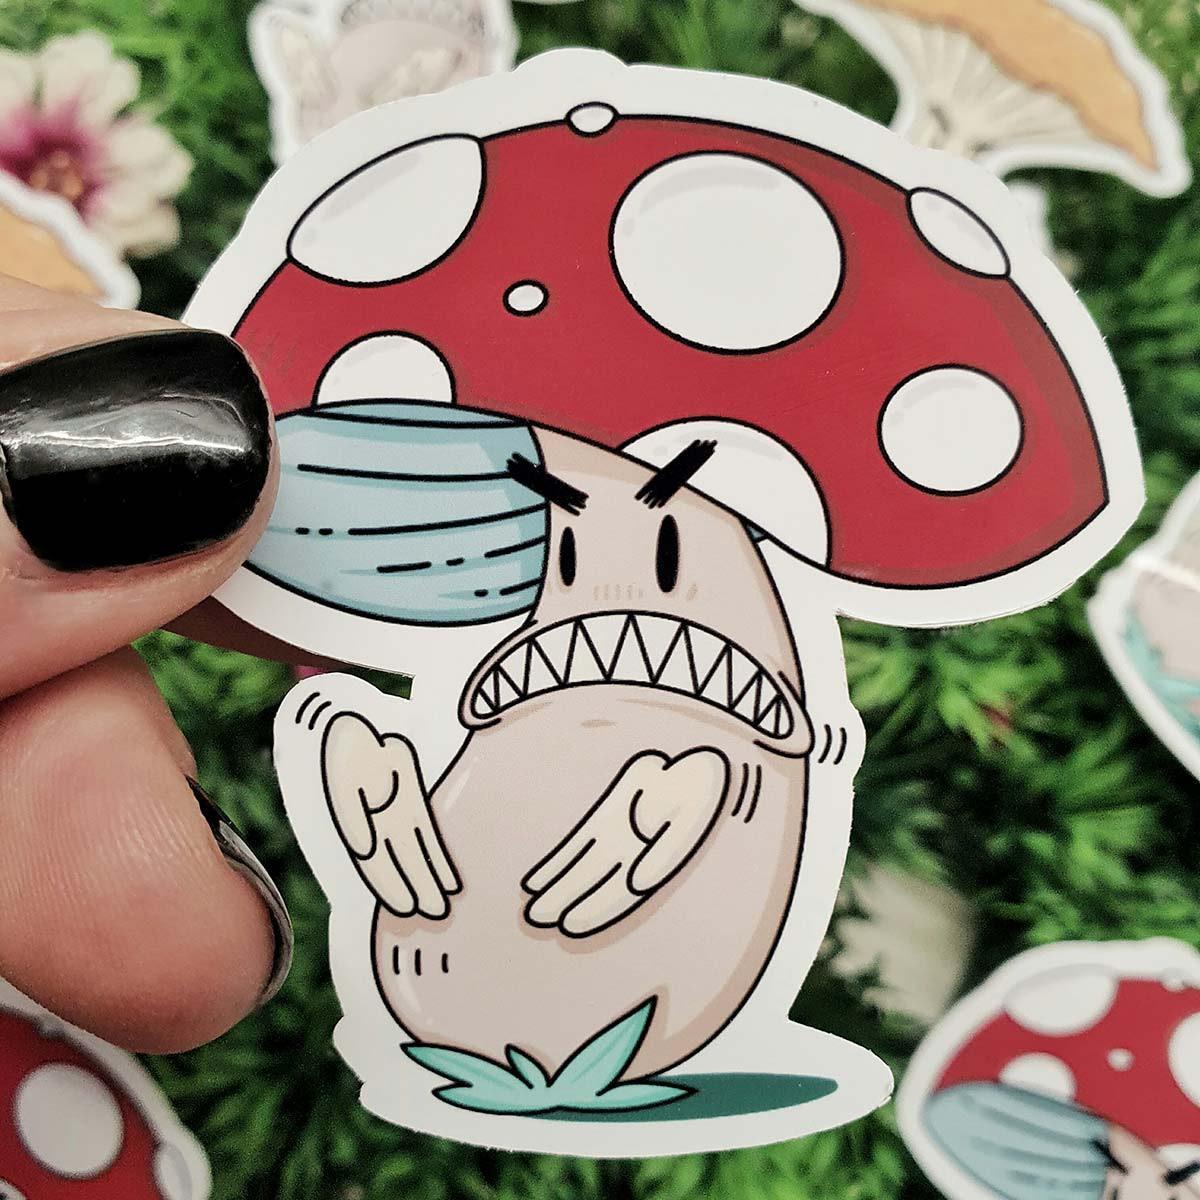 Funghi porcini e funghi incazzati